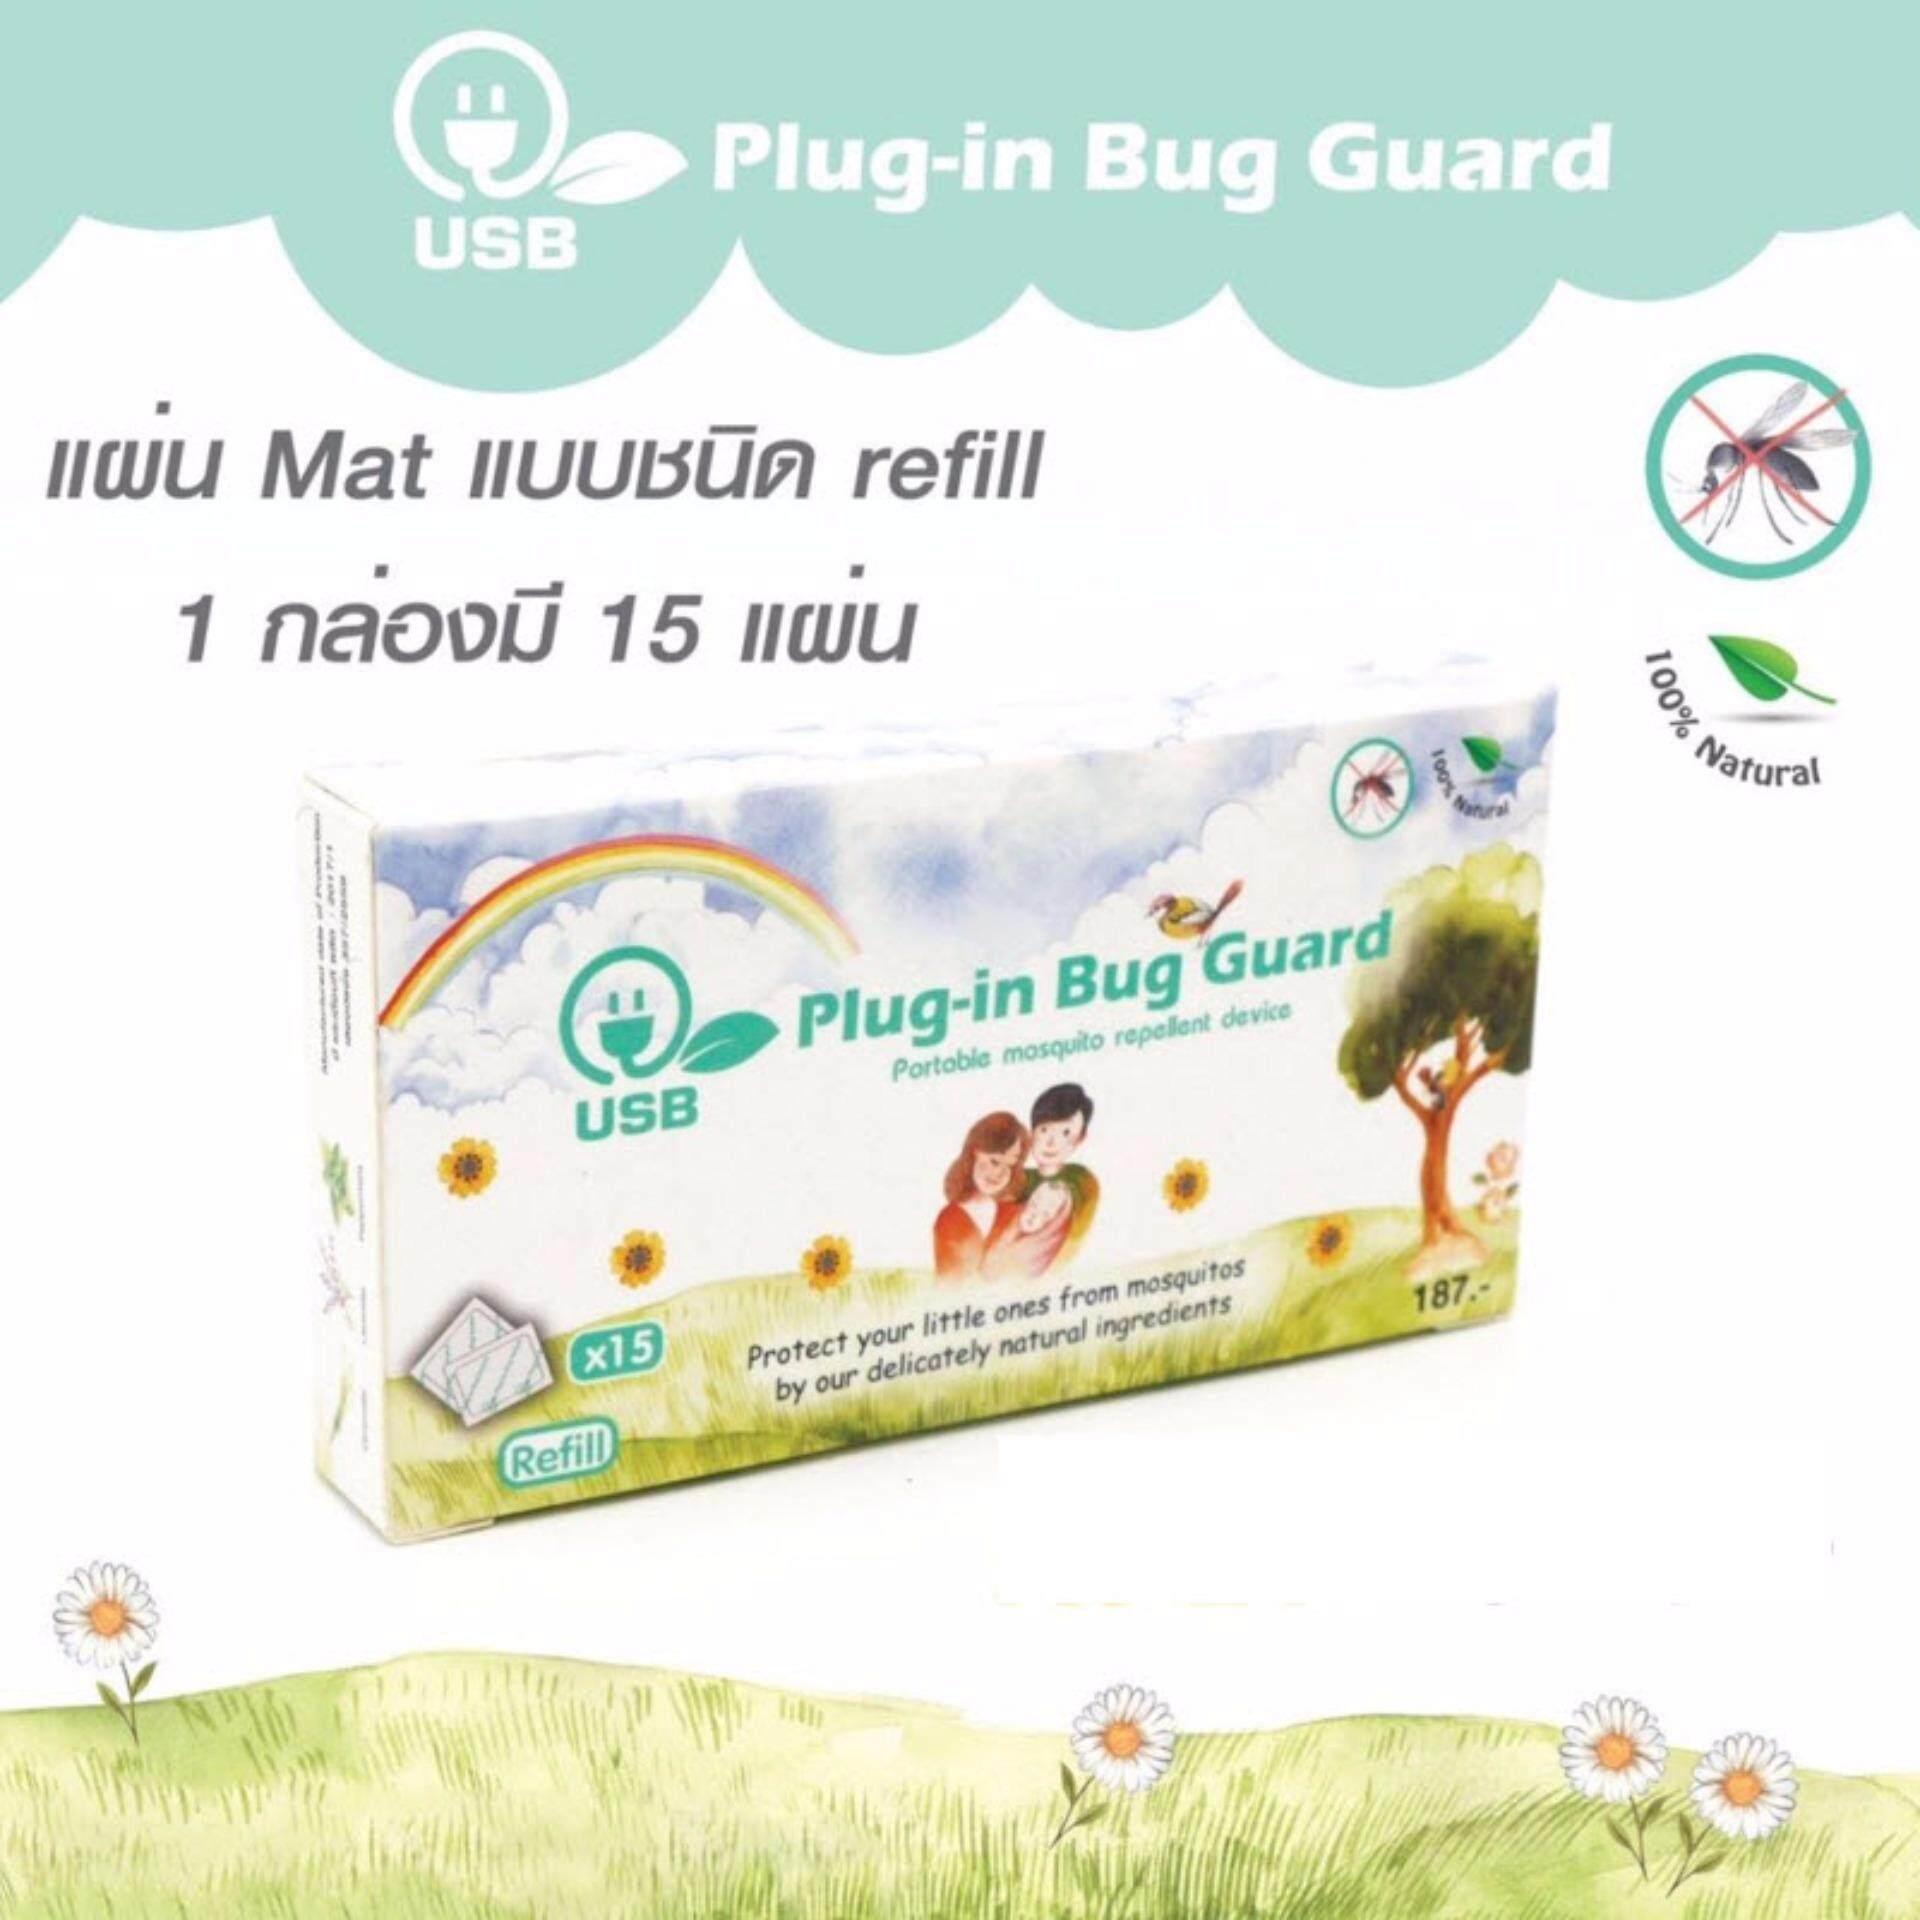 เก็บเงินปลายทางได้ Plug-in Bug Guard ผลิตภัณฑ์กันยุง ยากันยุง แบบหัว USB เฉพาะแผ่นรีฟิว Refill (ส่งเคอรี่ Kerry)